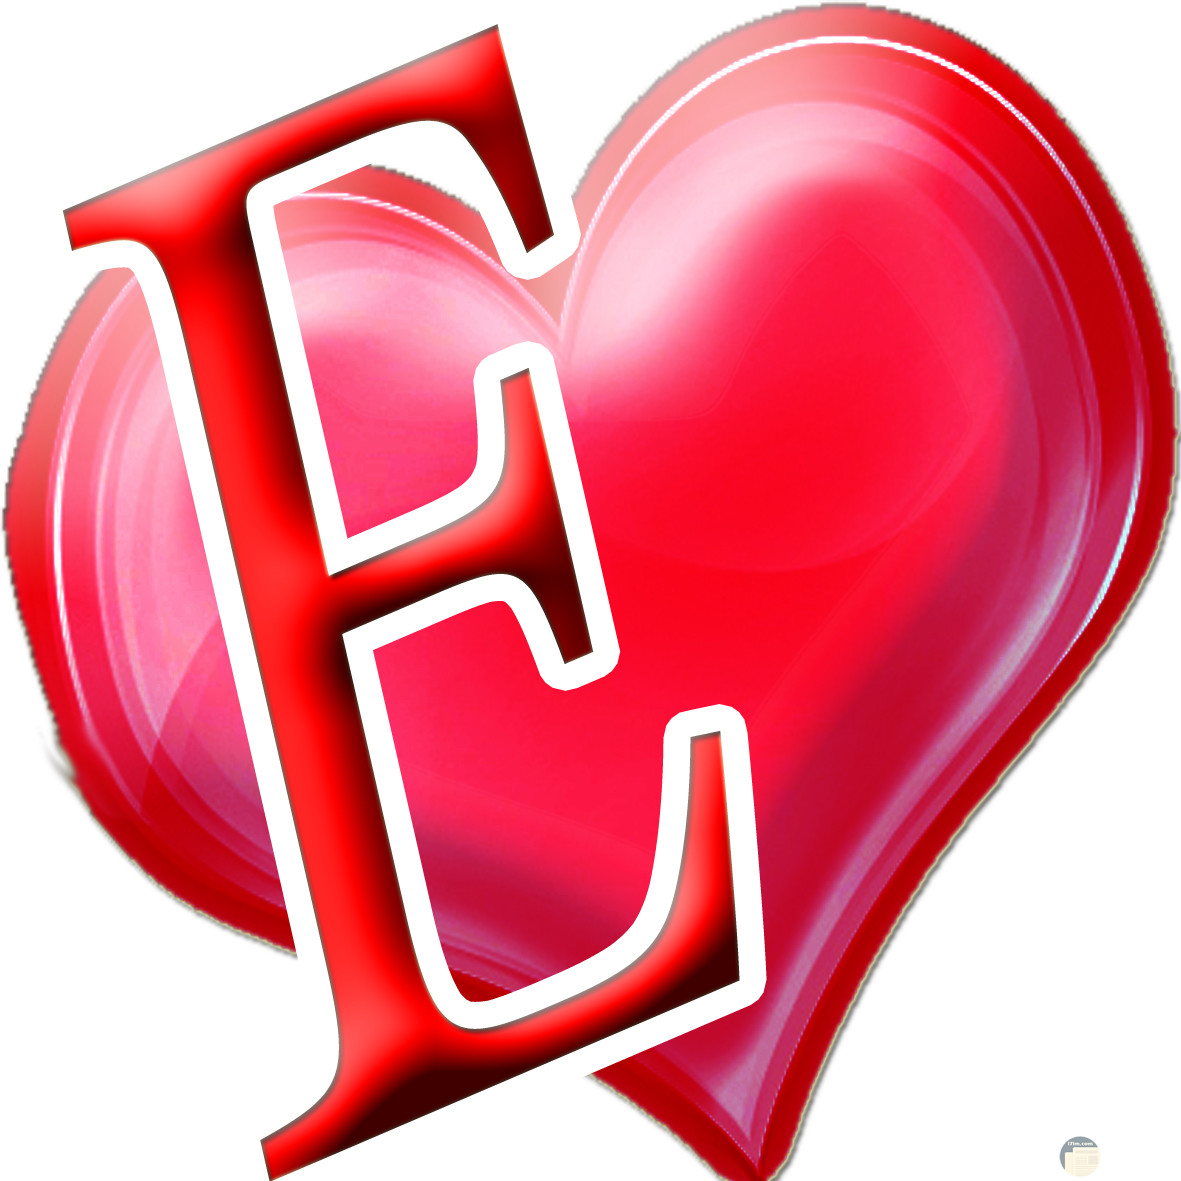 حرف E داخل قلب احمر جميل